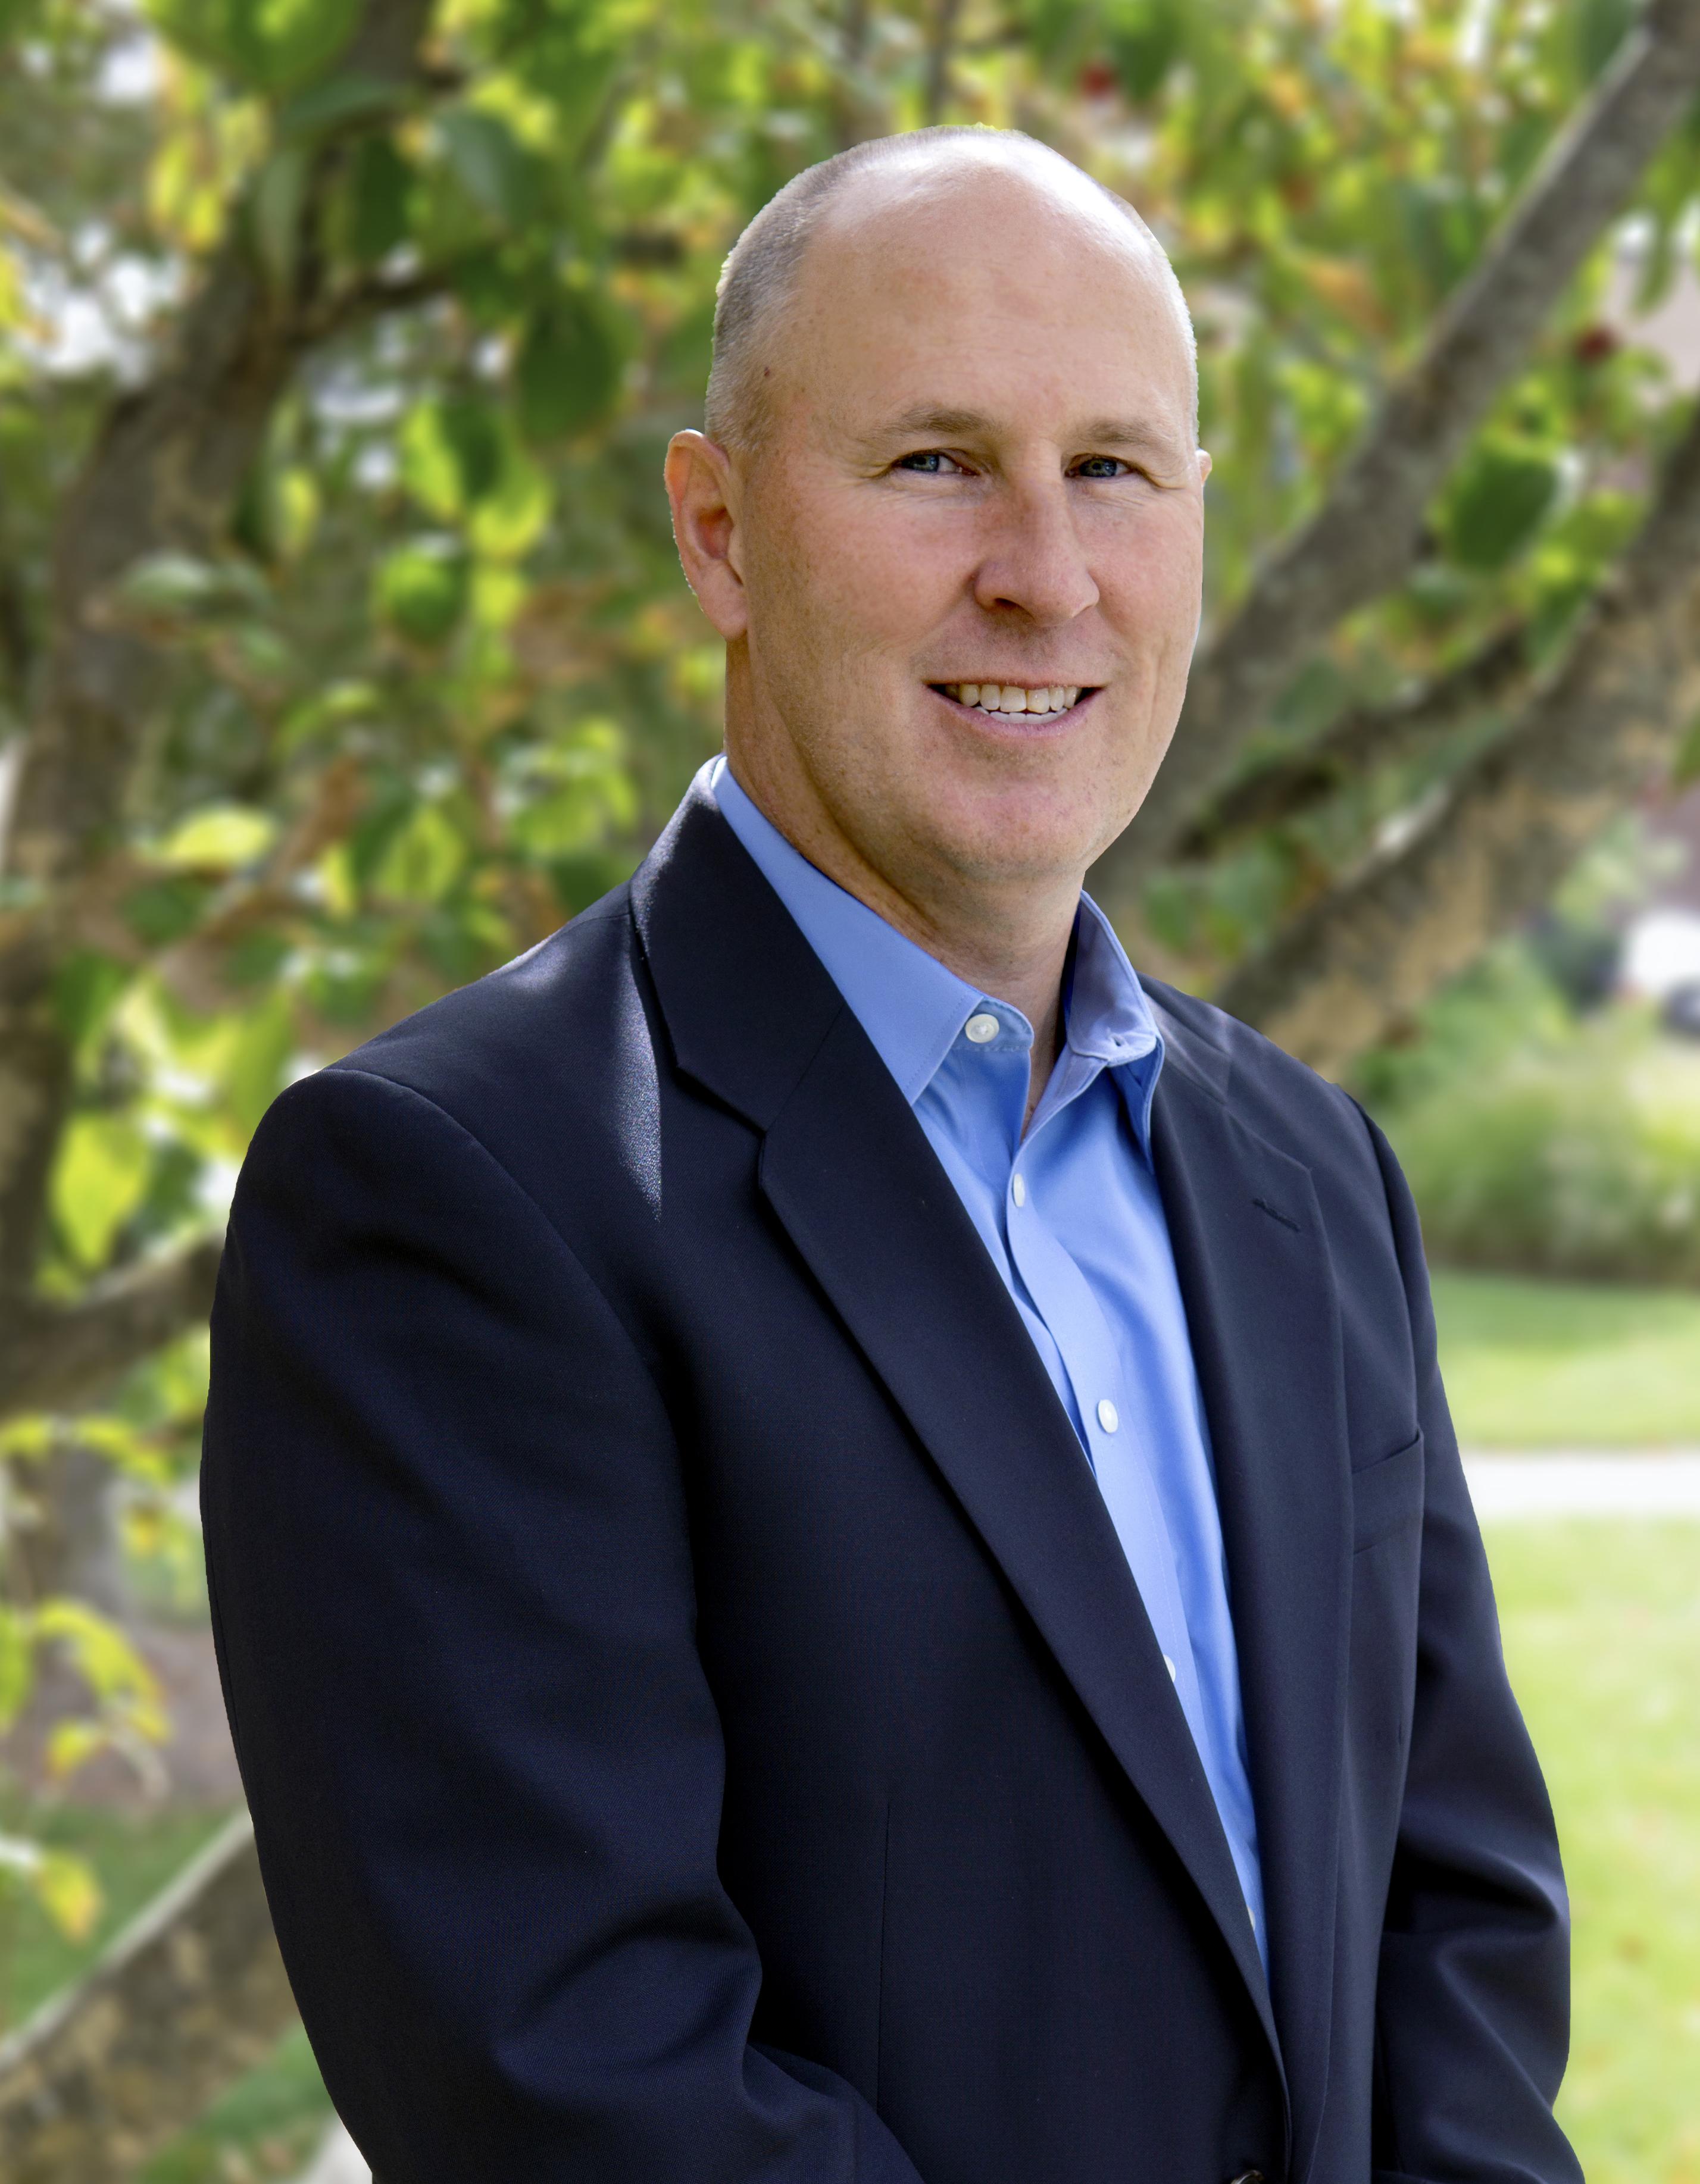 Michael Boush